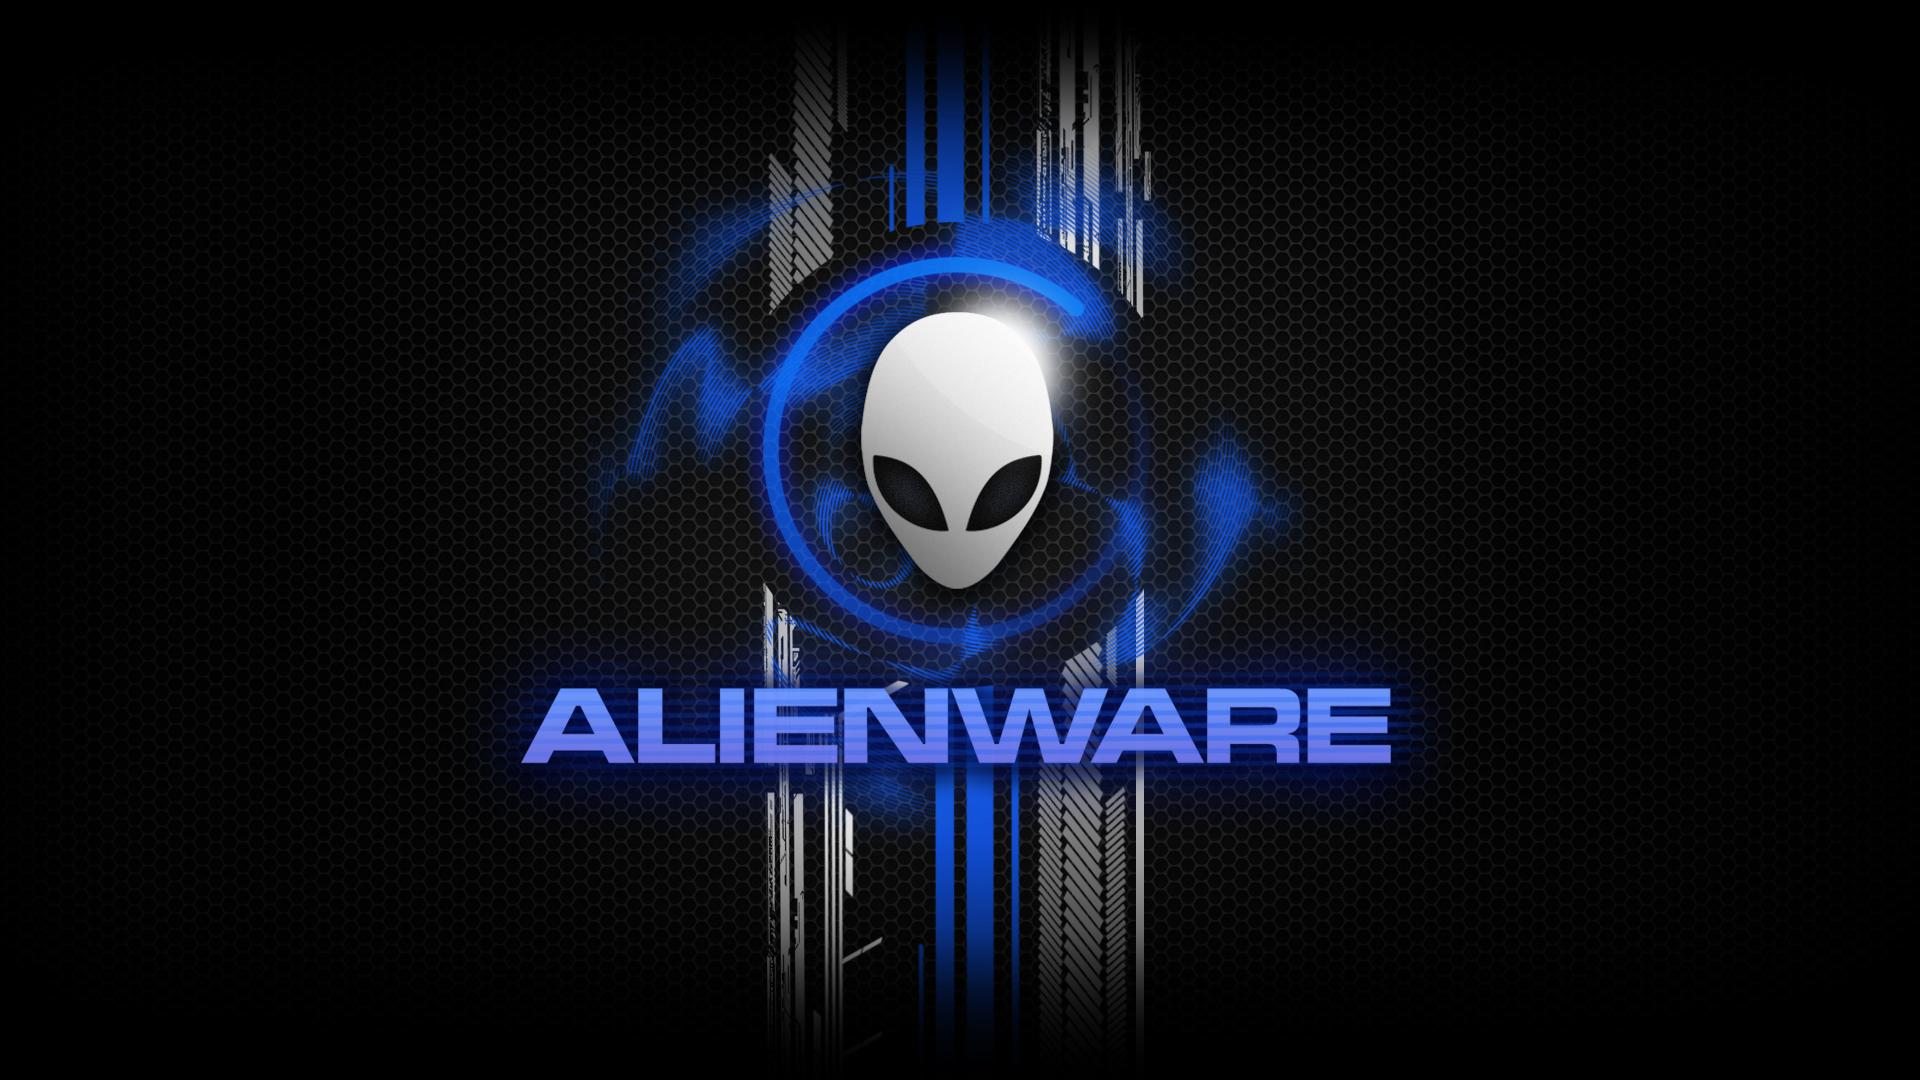 Alienware Backgrounds on Wallpapers Vista